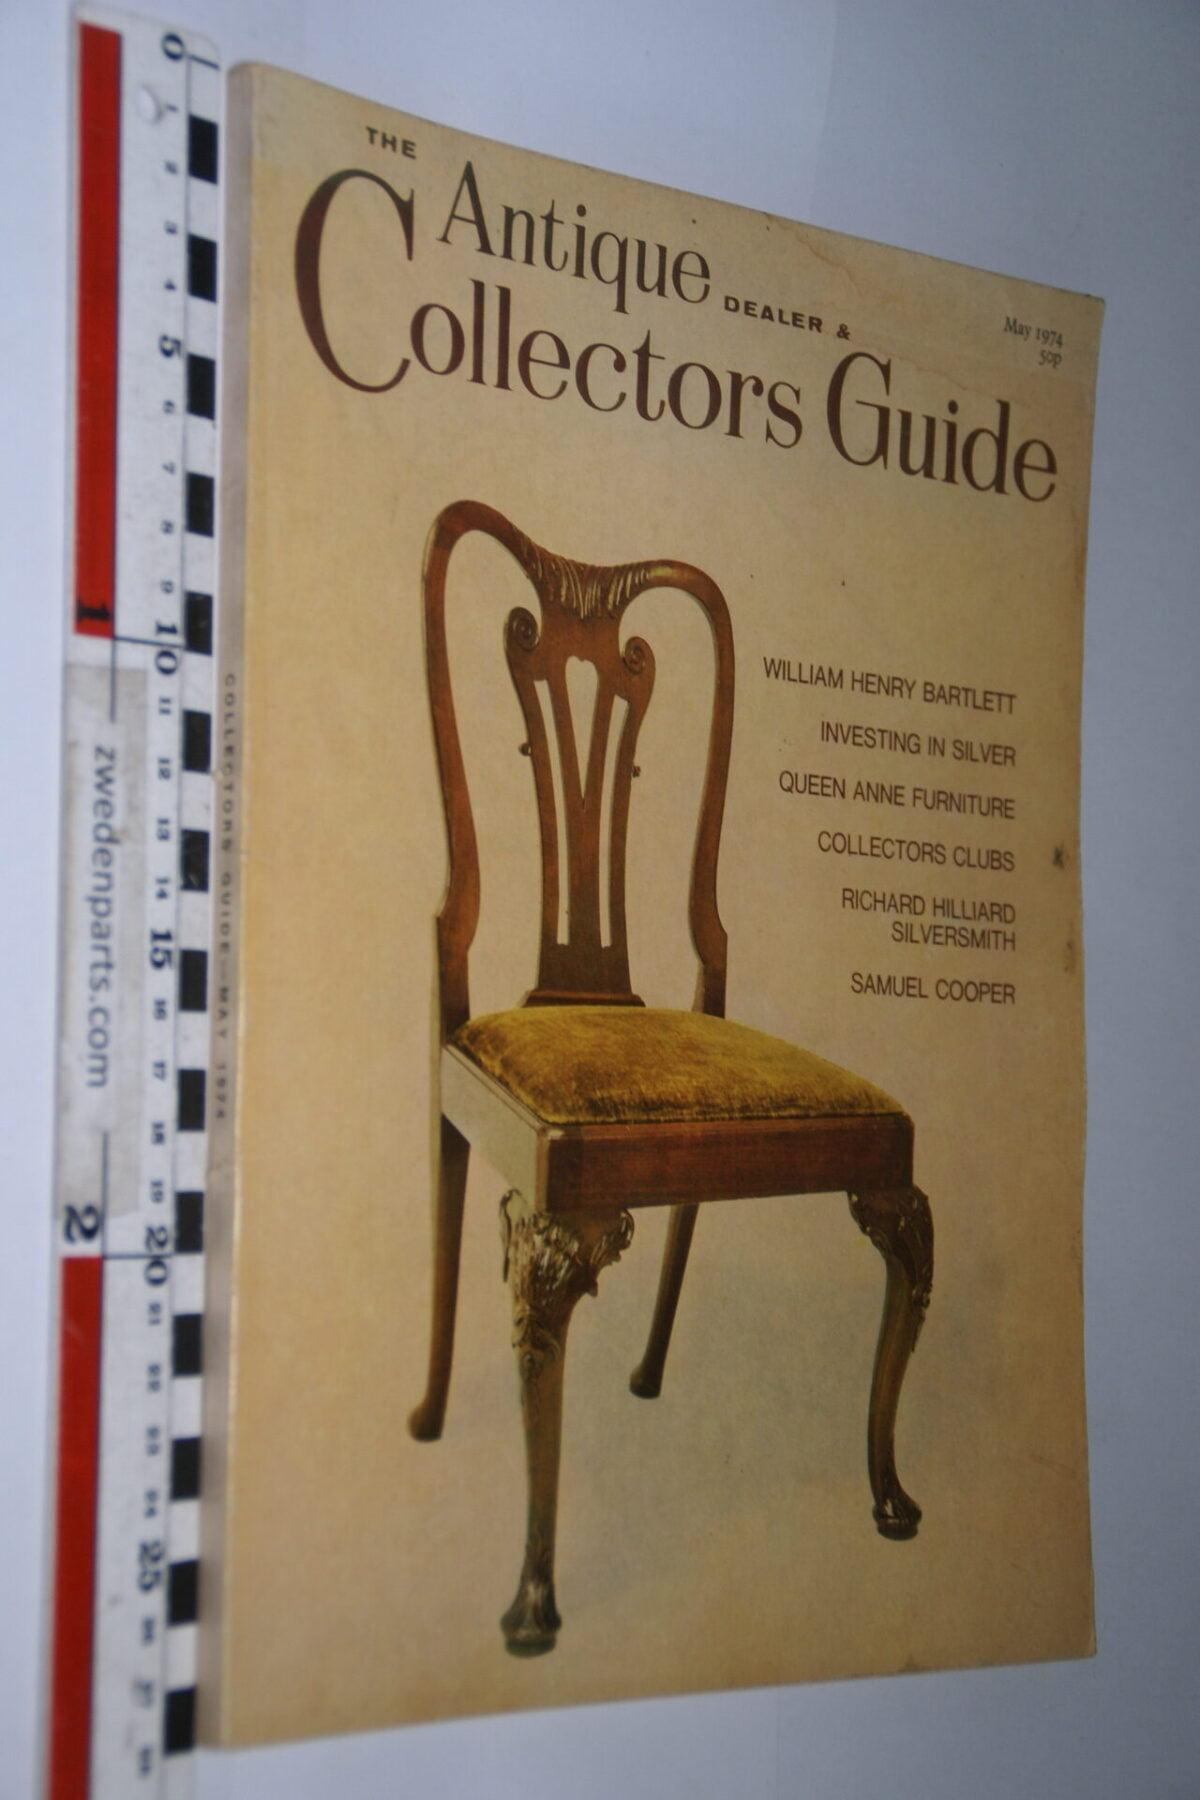 DSC06223 1974 mei tijdschrift Antique Collectors Guide, English-7d83c1a9